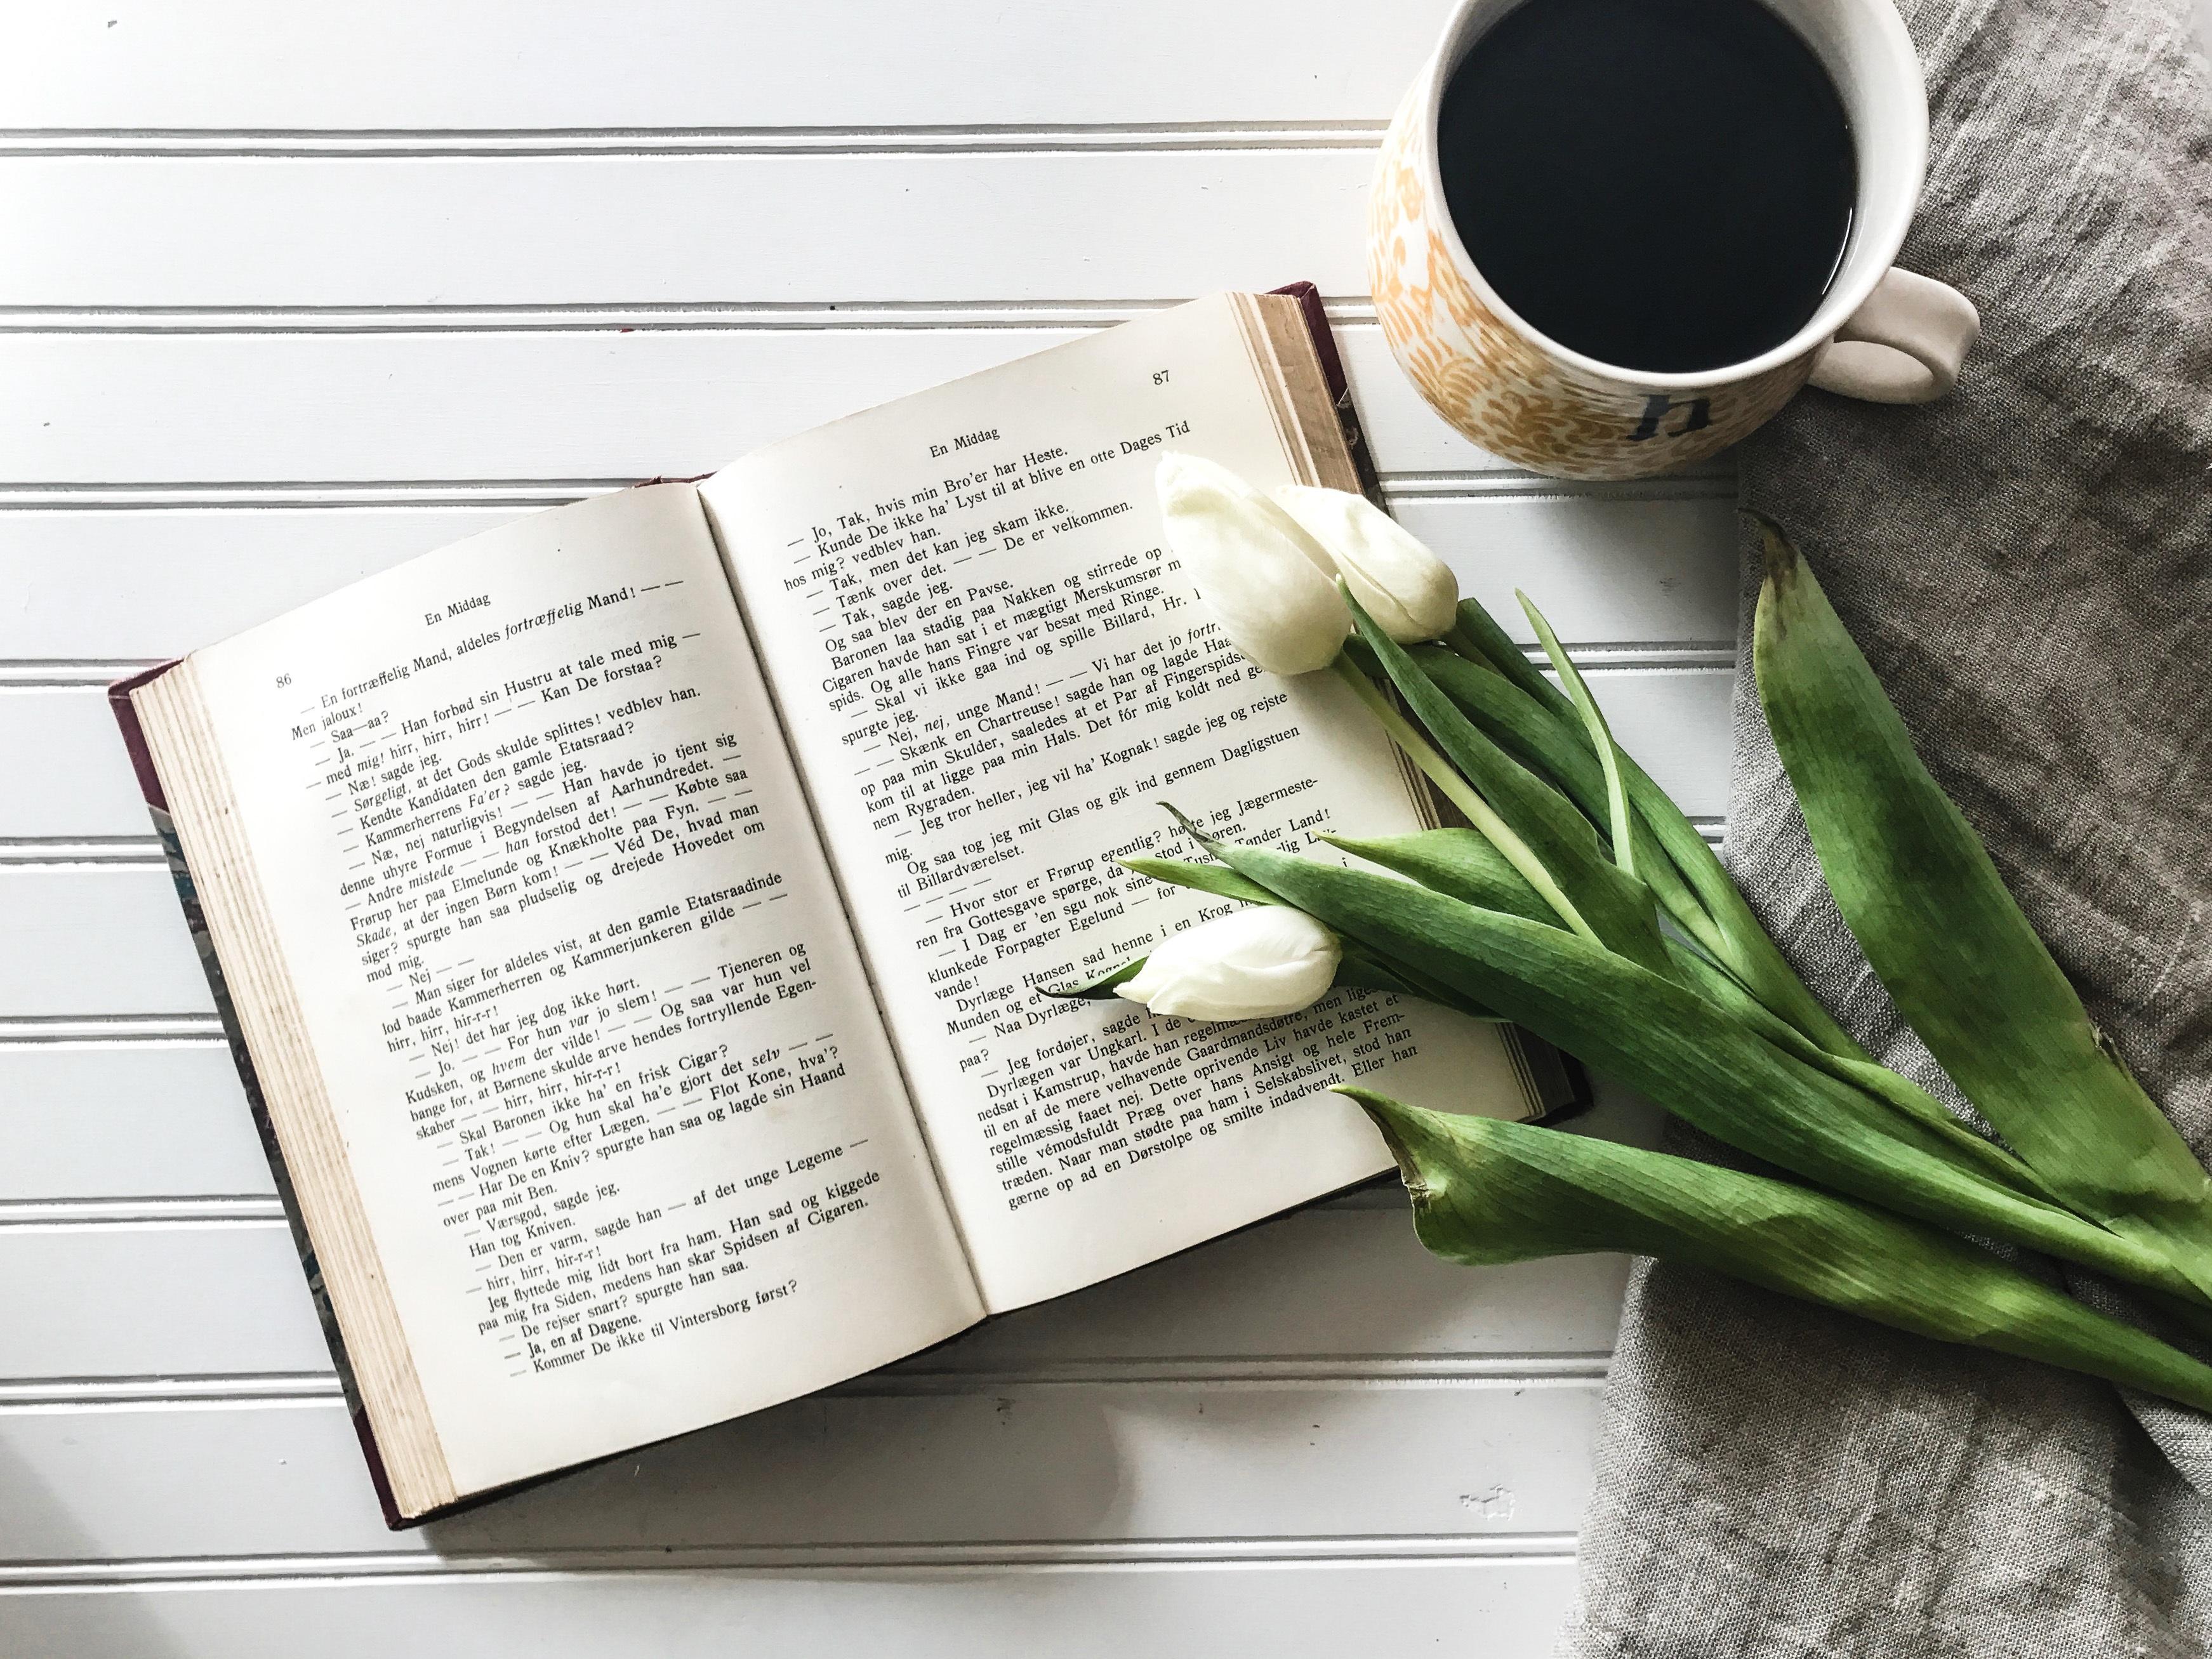 54246 Hintergrundbild herunterladen Tulpen, Lebensmittel, Coffee, Buch - Bildschirmschoner und Bilder kostenlos